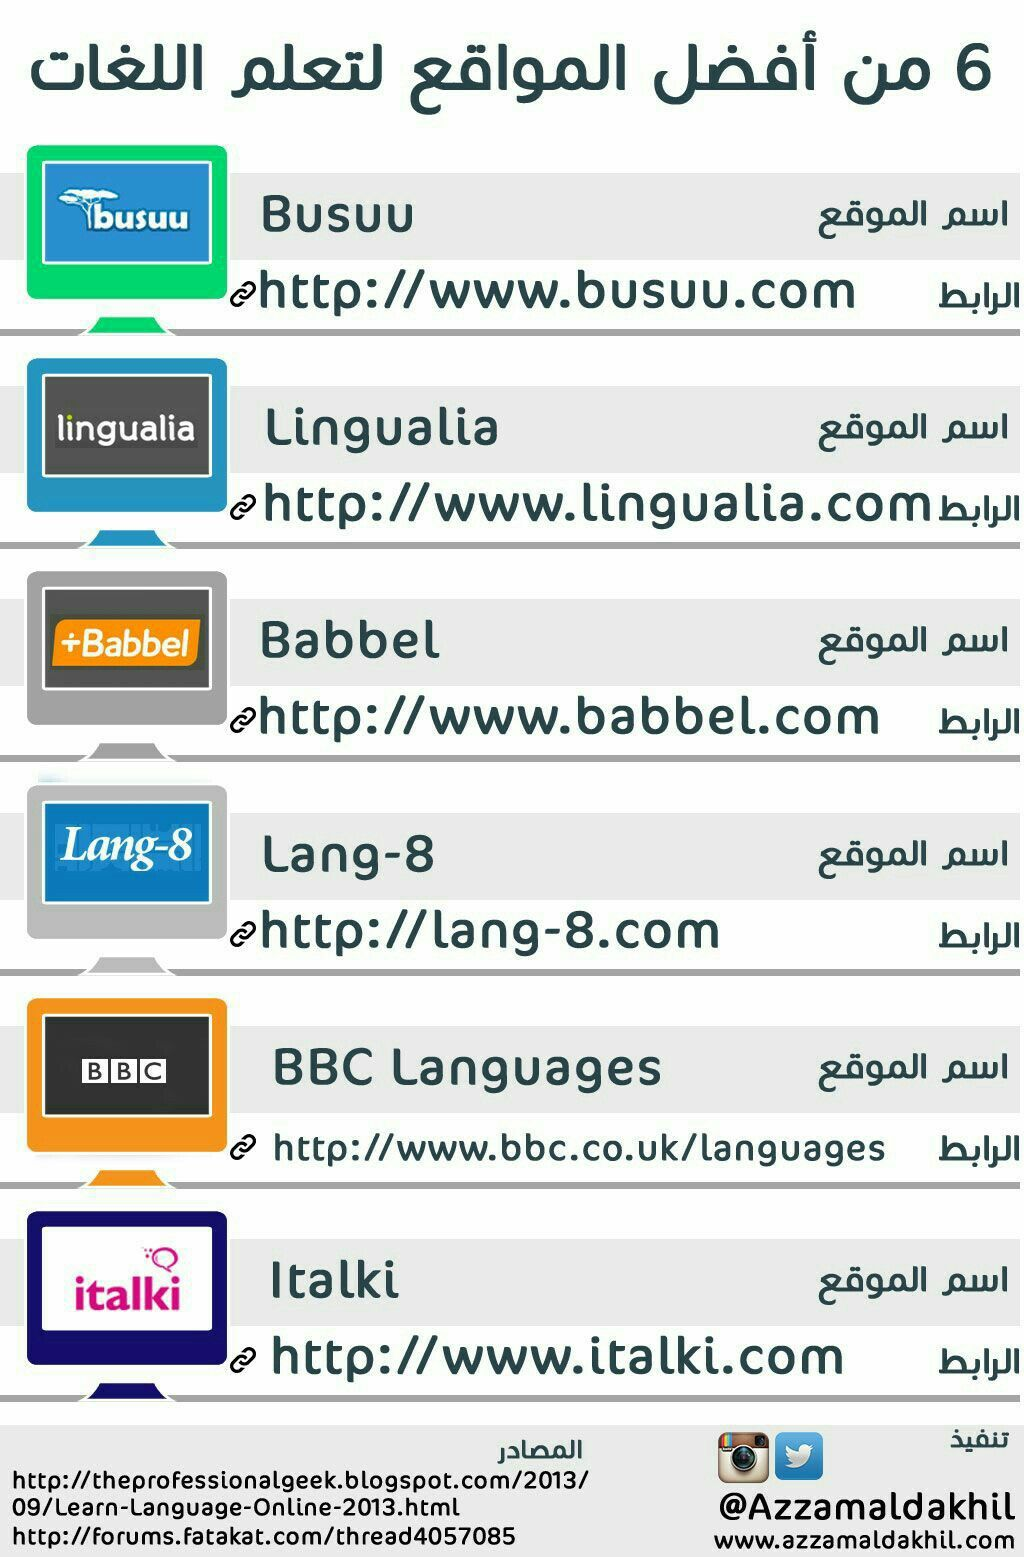 مواقع تعلم اللغات English Language Learning English Language Learning Grammar Learning Languages